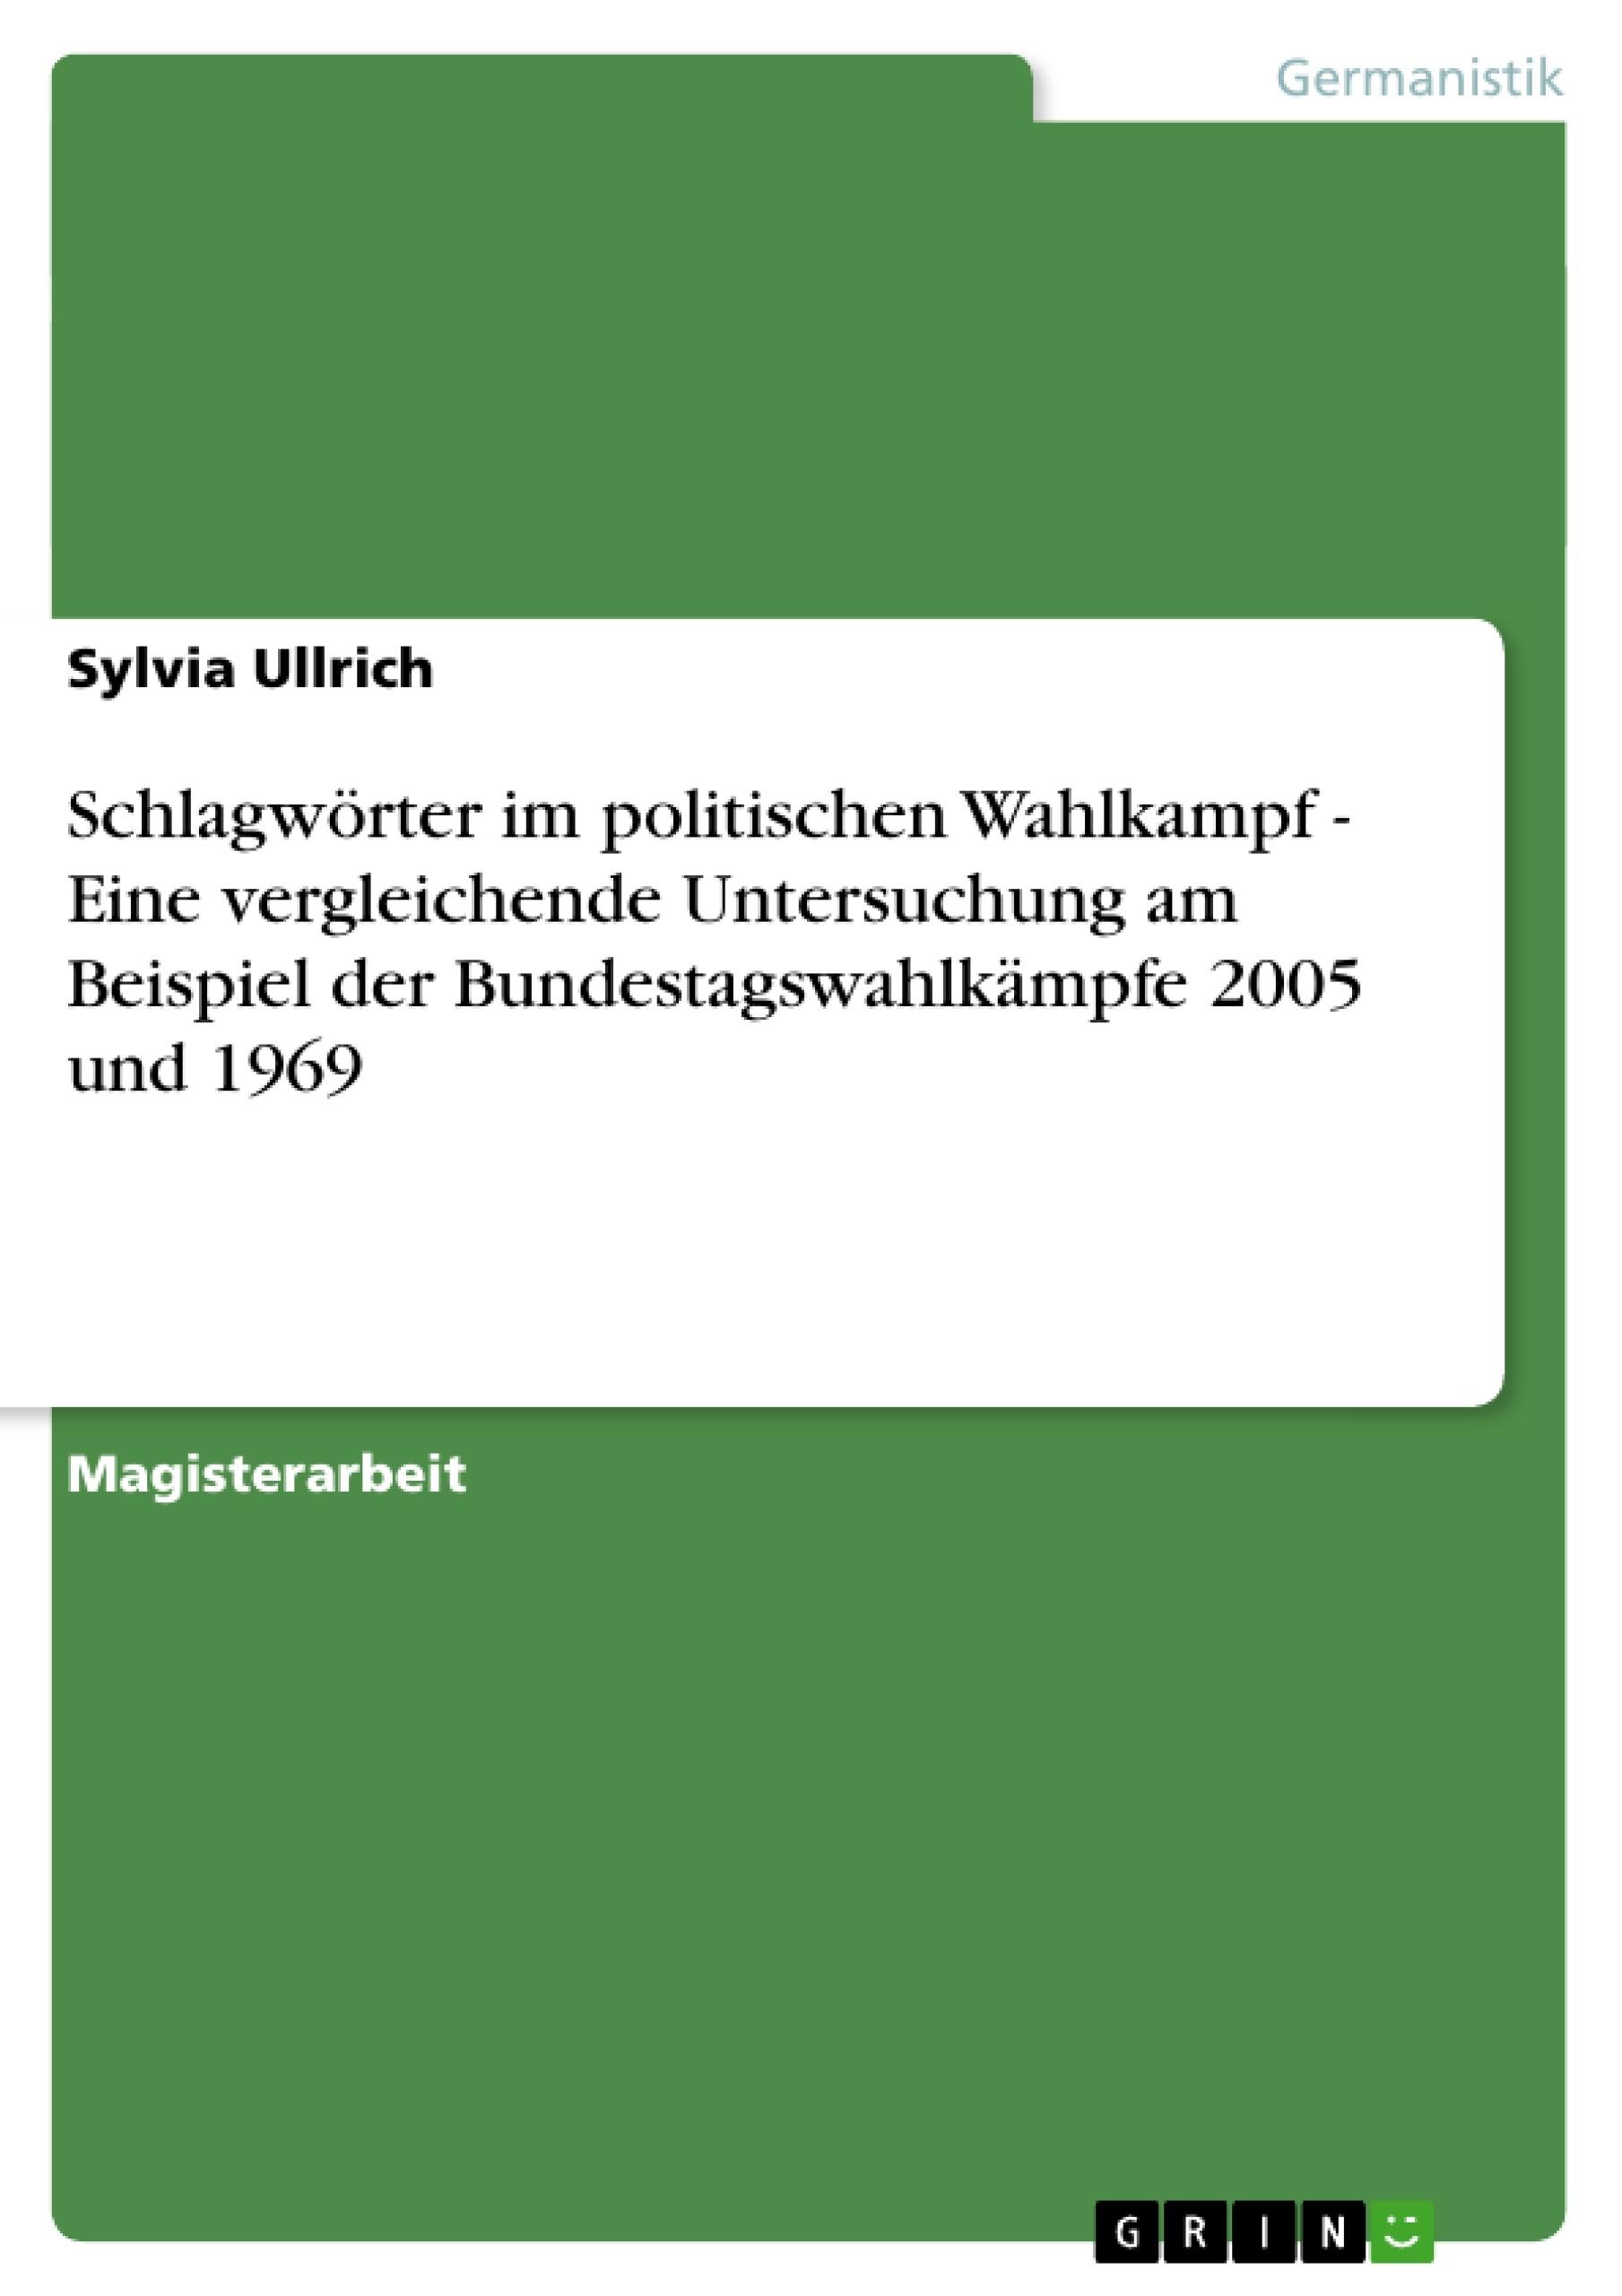 Titel: Schlagwörter im politischen Wahlkampf - Eine vergleichende Untersuchung am Beispiel der Bundestagswahlkämpfe 2005 und 1969